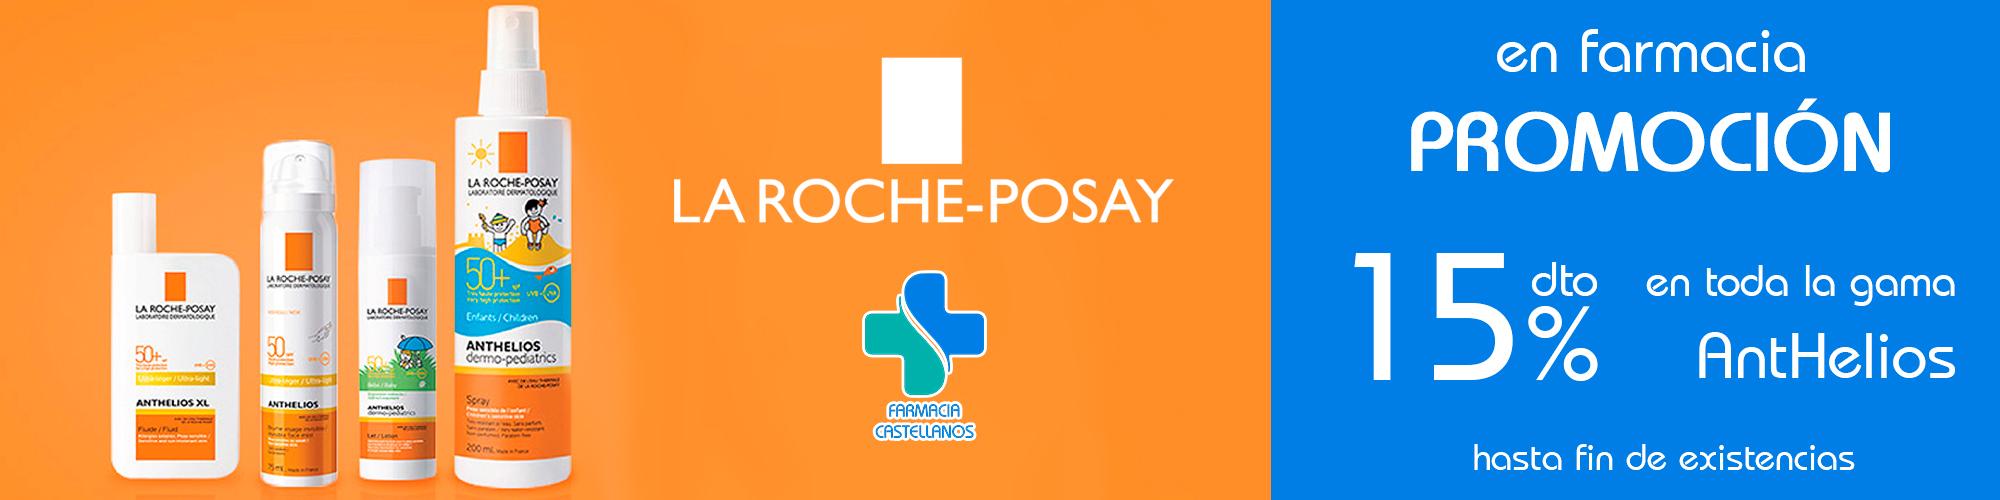 anthelios-la-roche-posay-farmaciabeatrizcastellanos